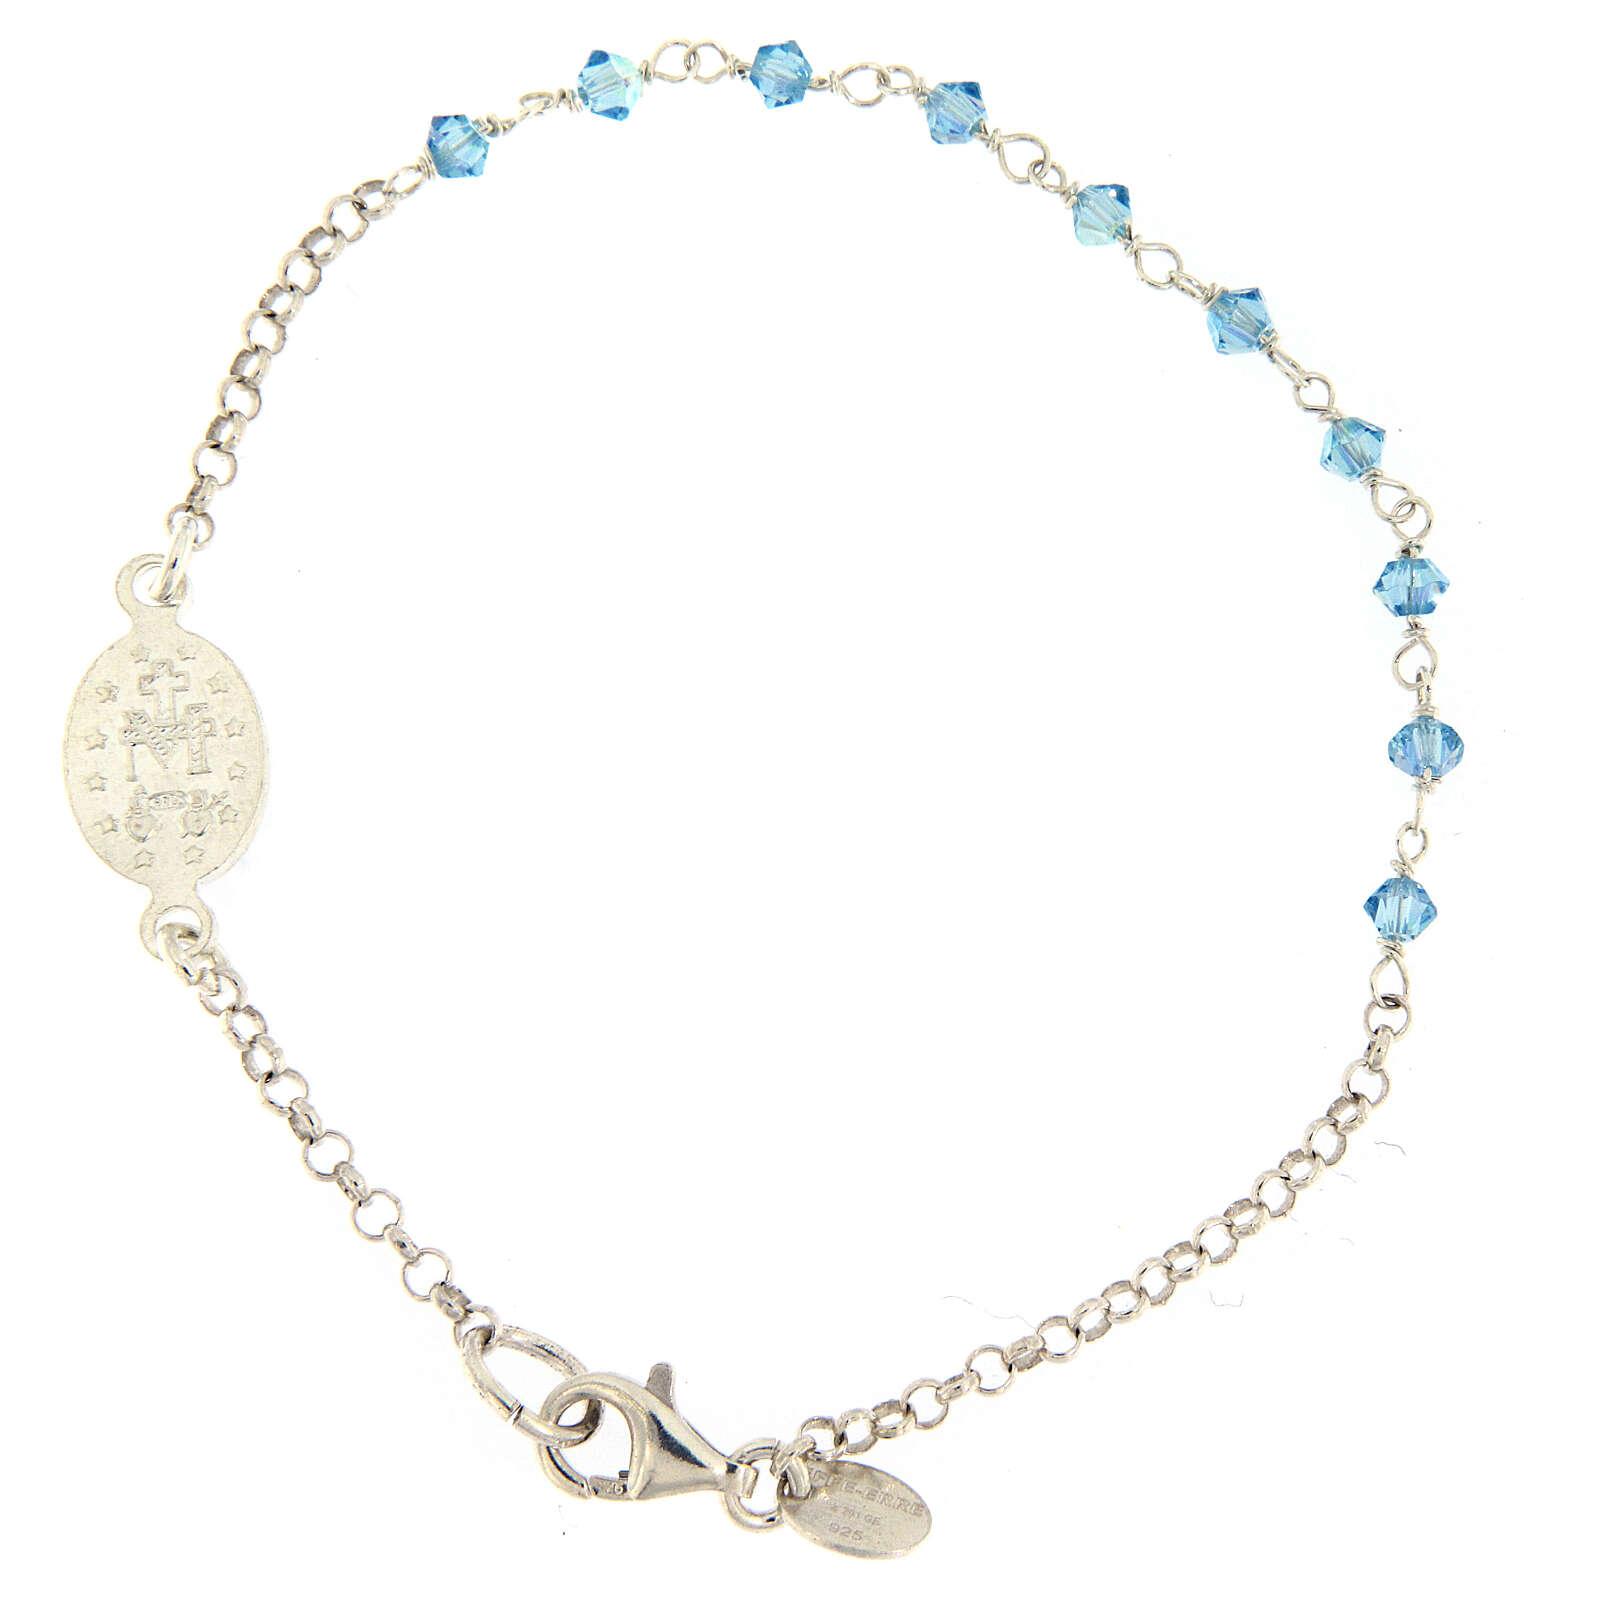 Bracciale argento 925 medaglia Miracolosa Swarovski azzurri 4